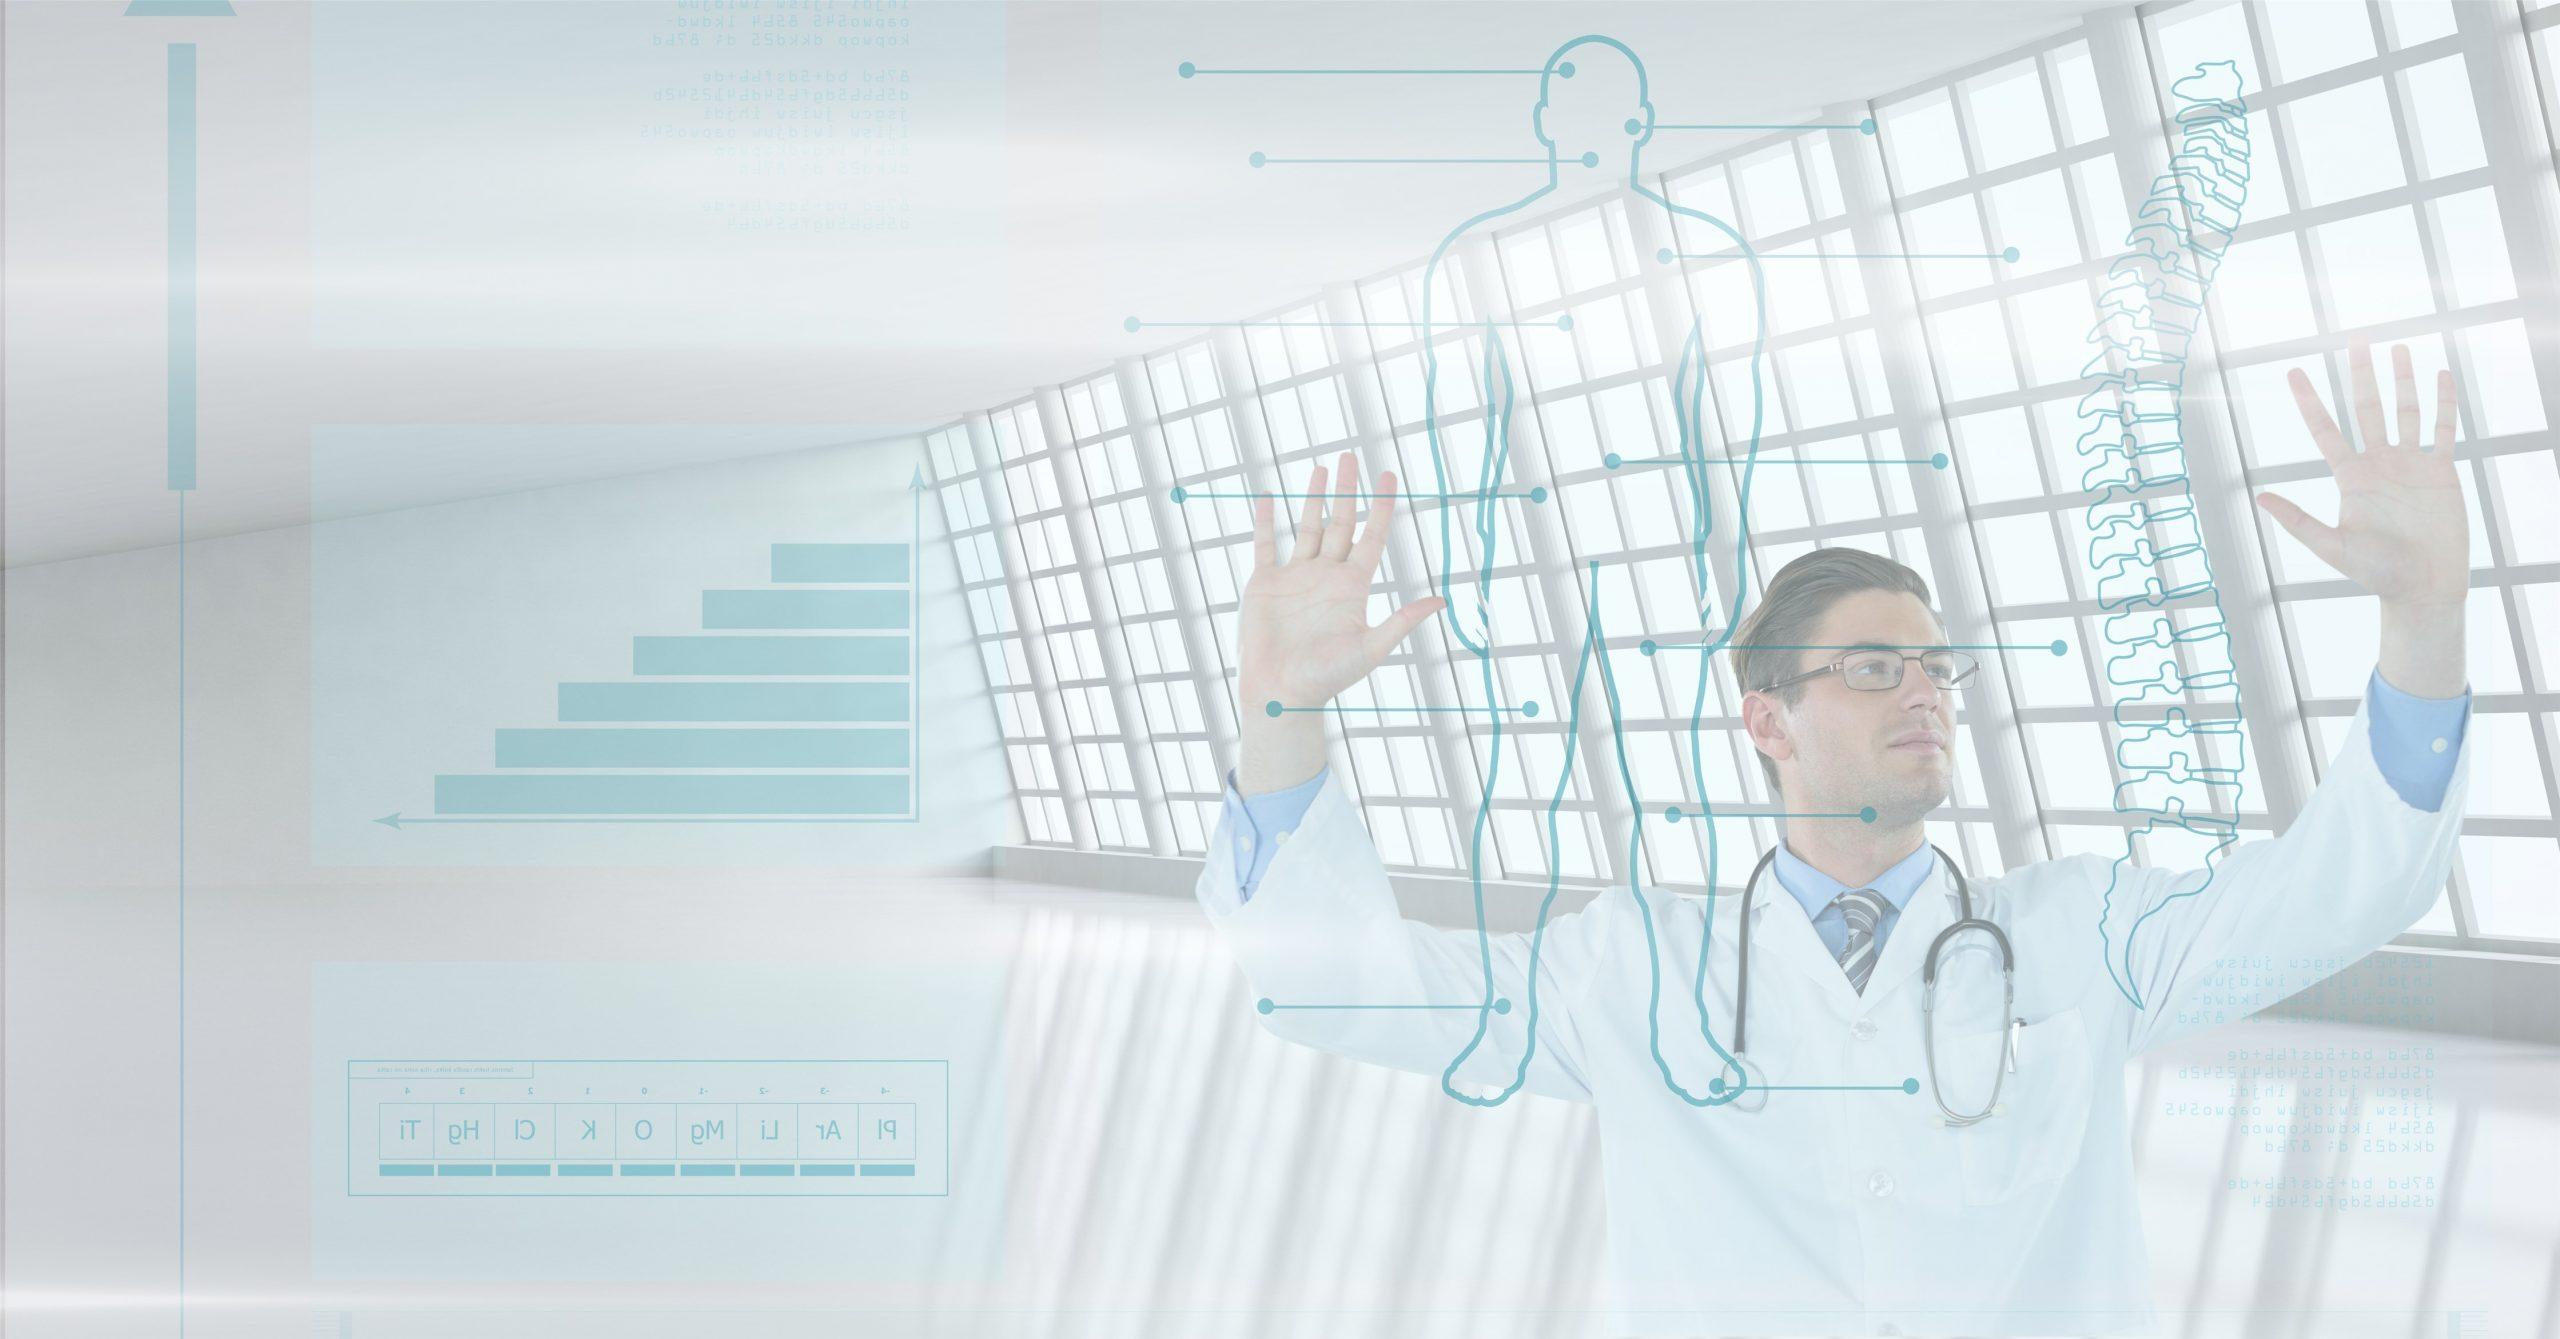 新基建浪潮下,云计算助力互联网医院跨入发展新阶段